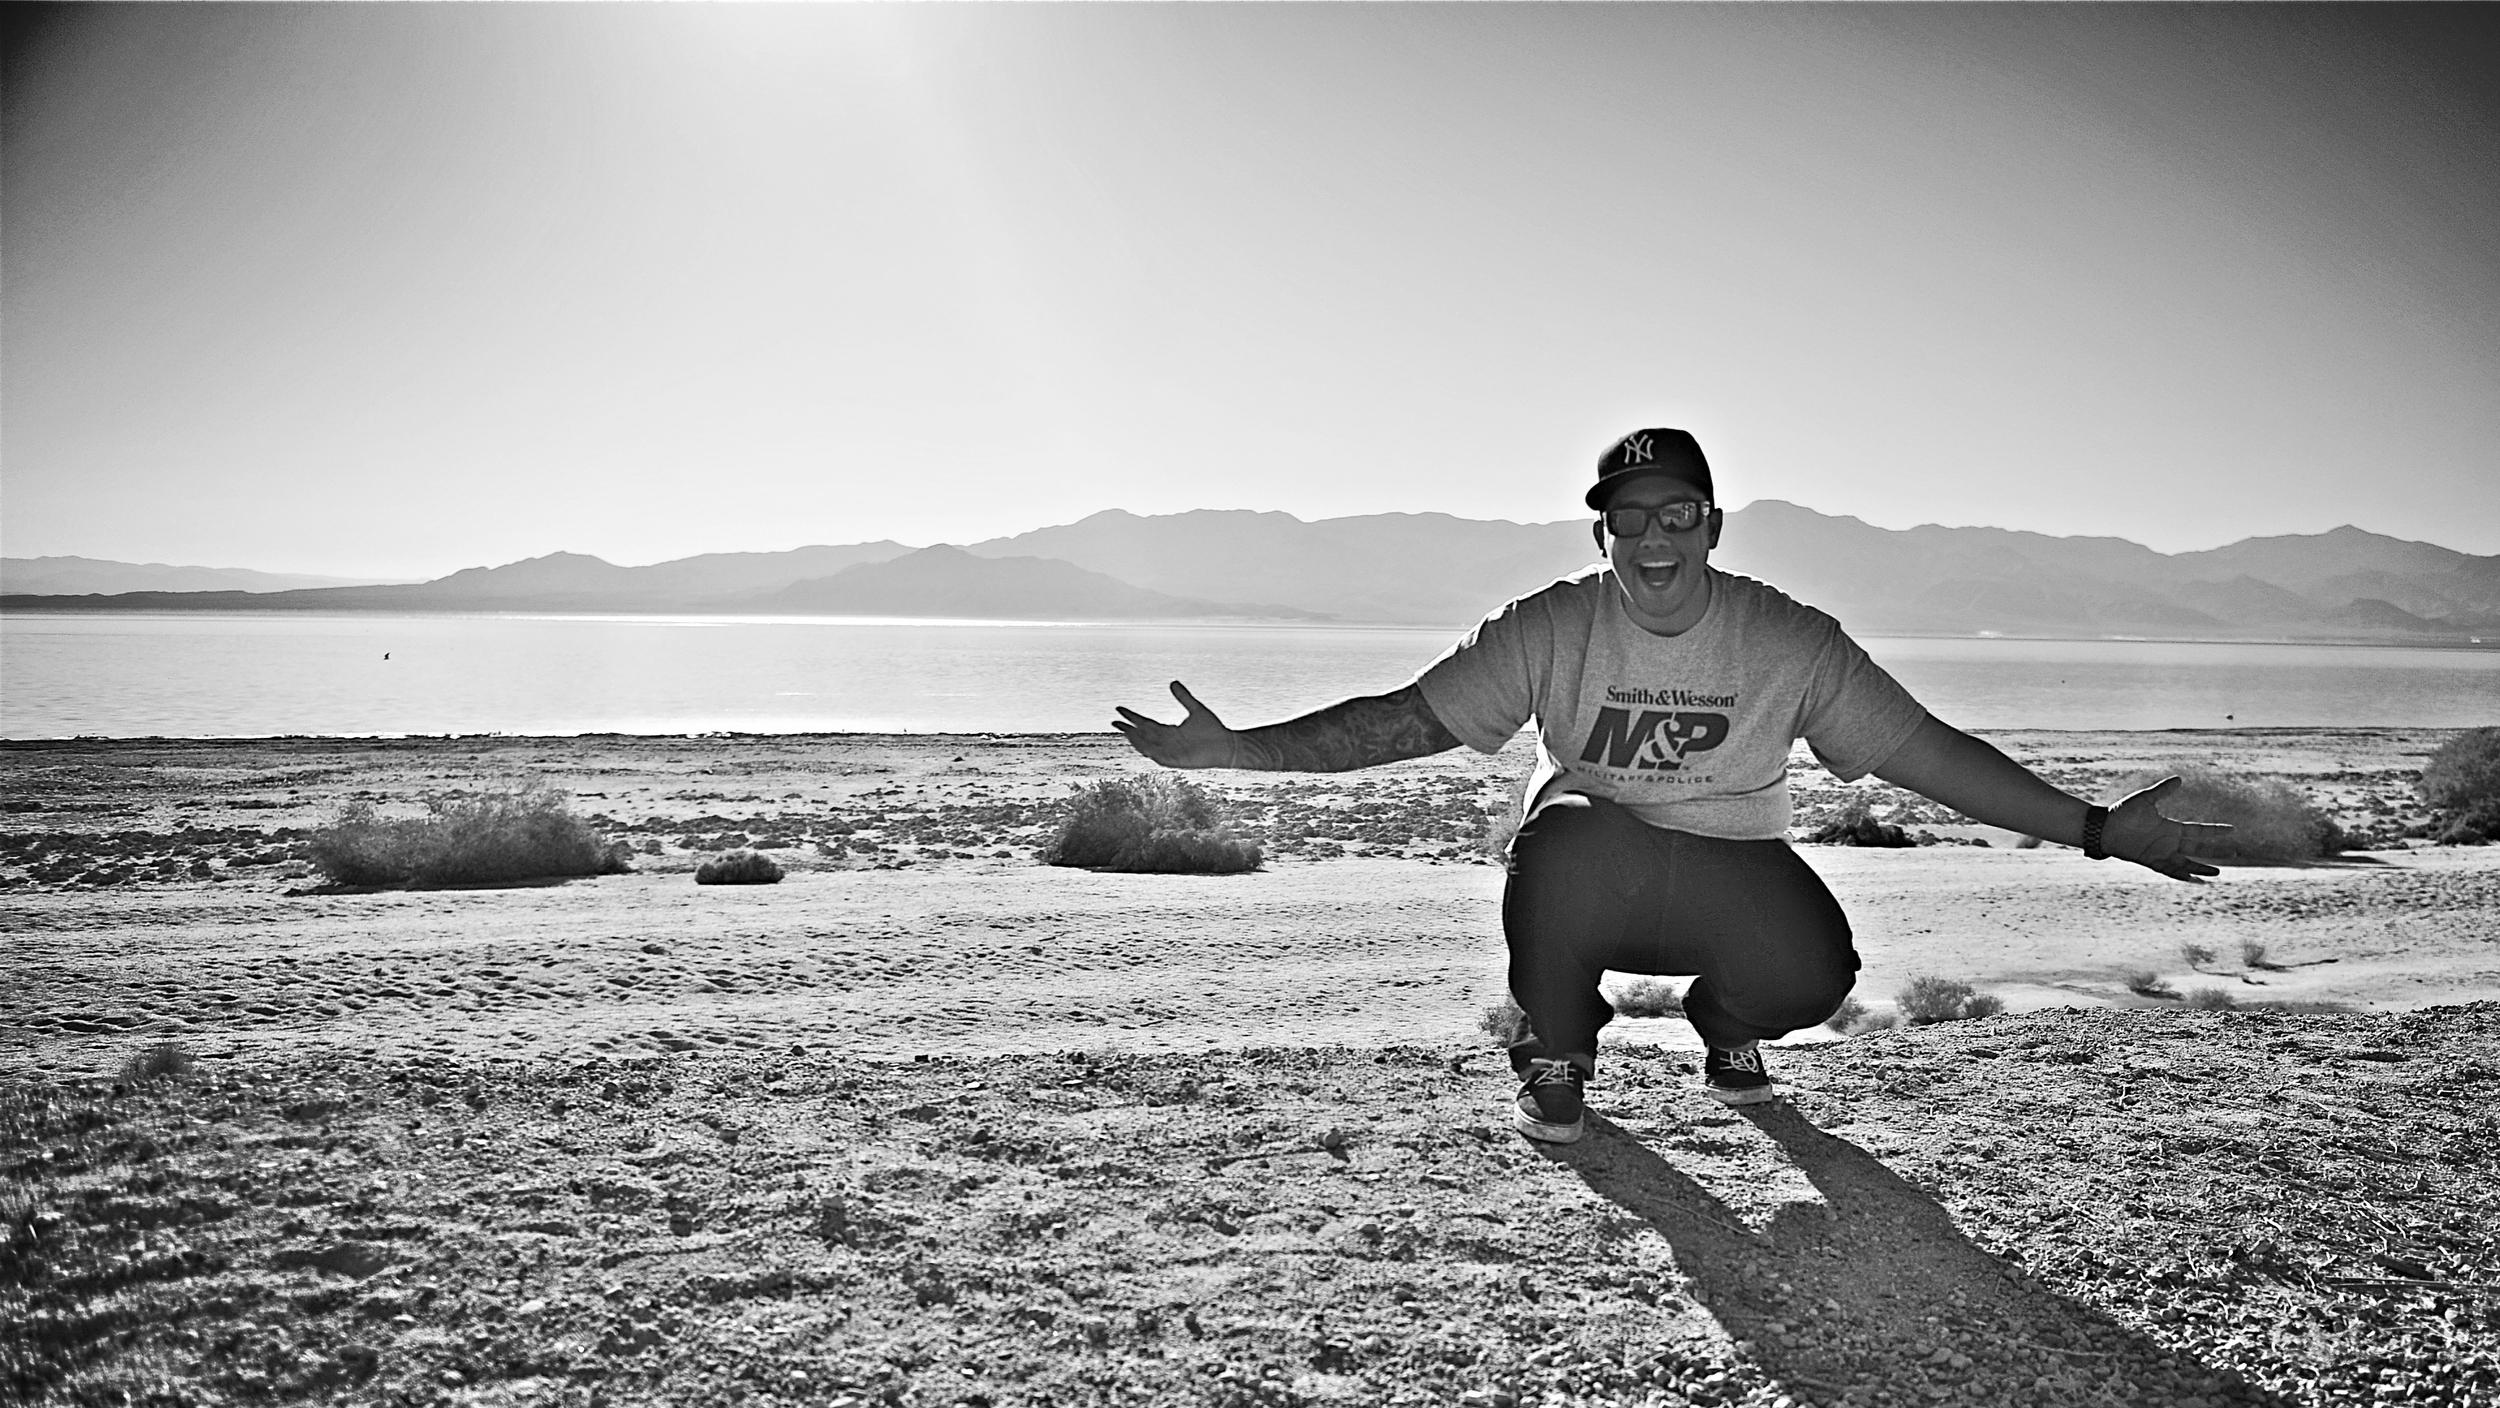 Salton Sea, Nov. 2013.